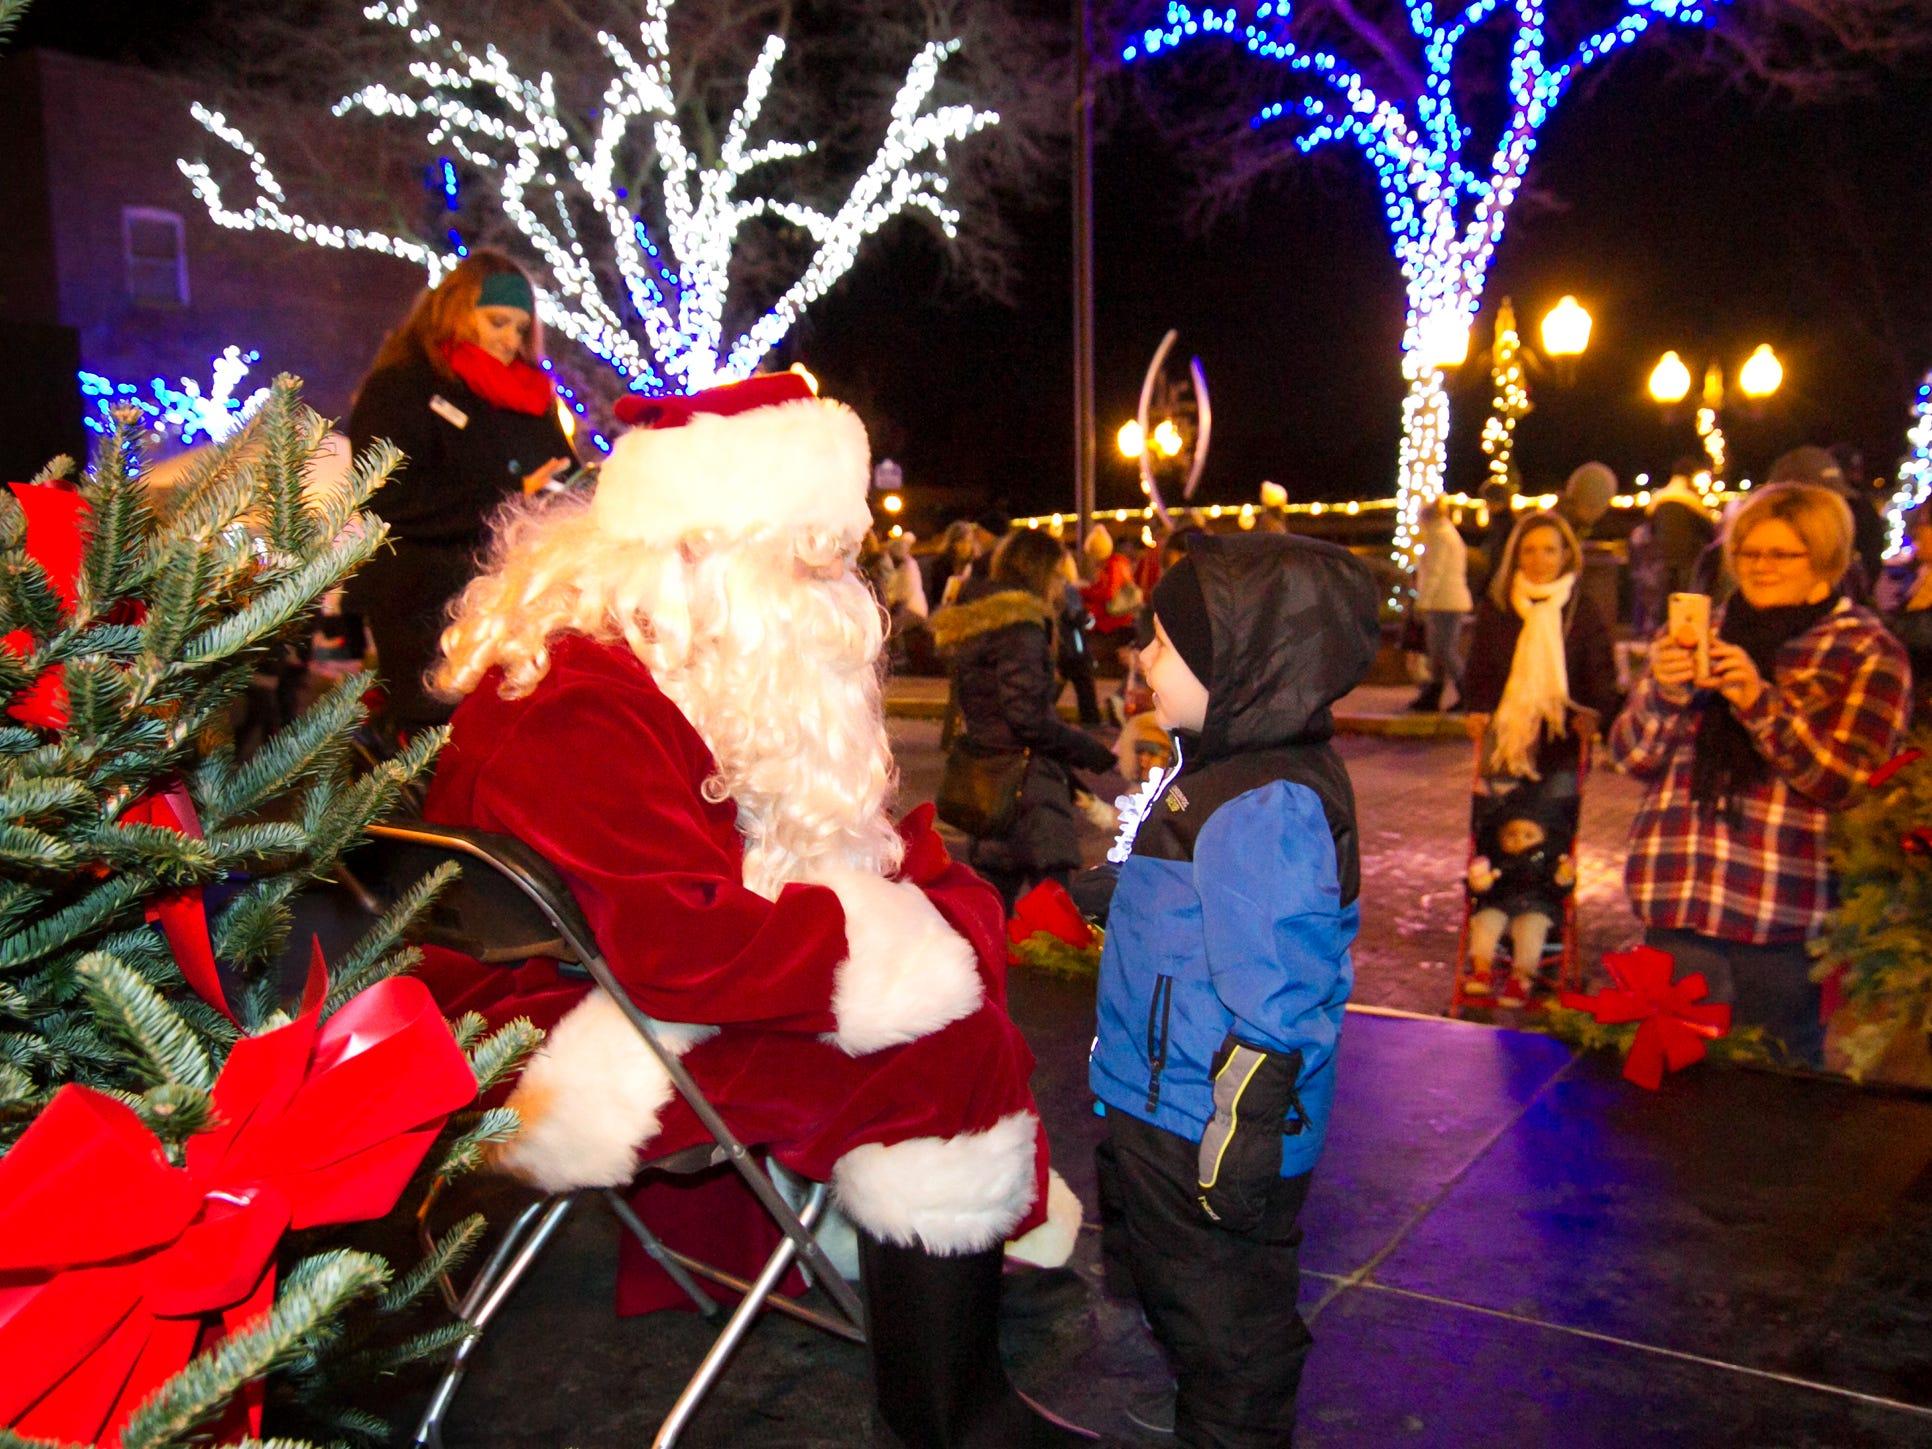 4-year-old Weston Adams of Hartland shares his Christmas list with Santa Claus Saturday, Nov. 17, 2018 at the Brighton Holiday Glow.